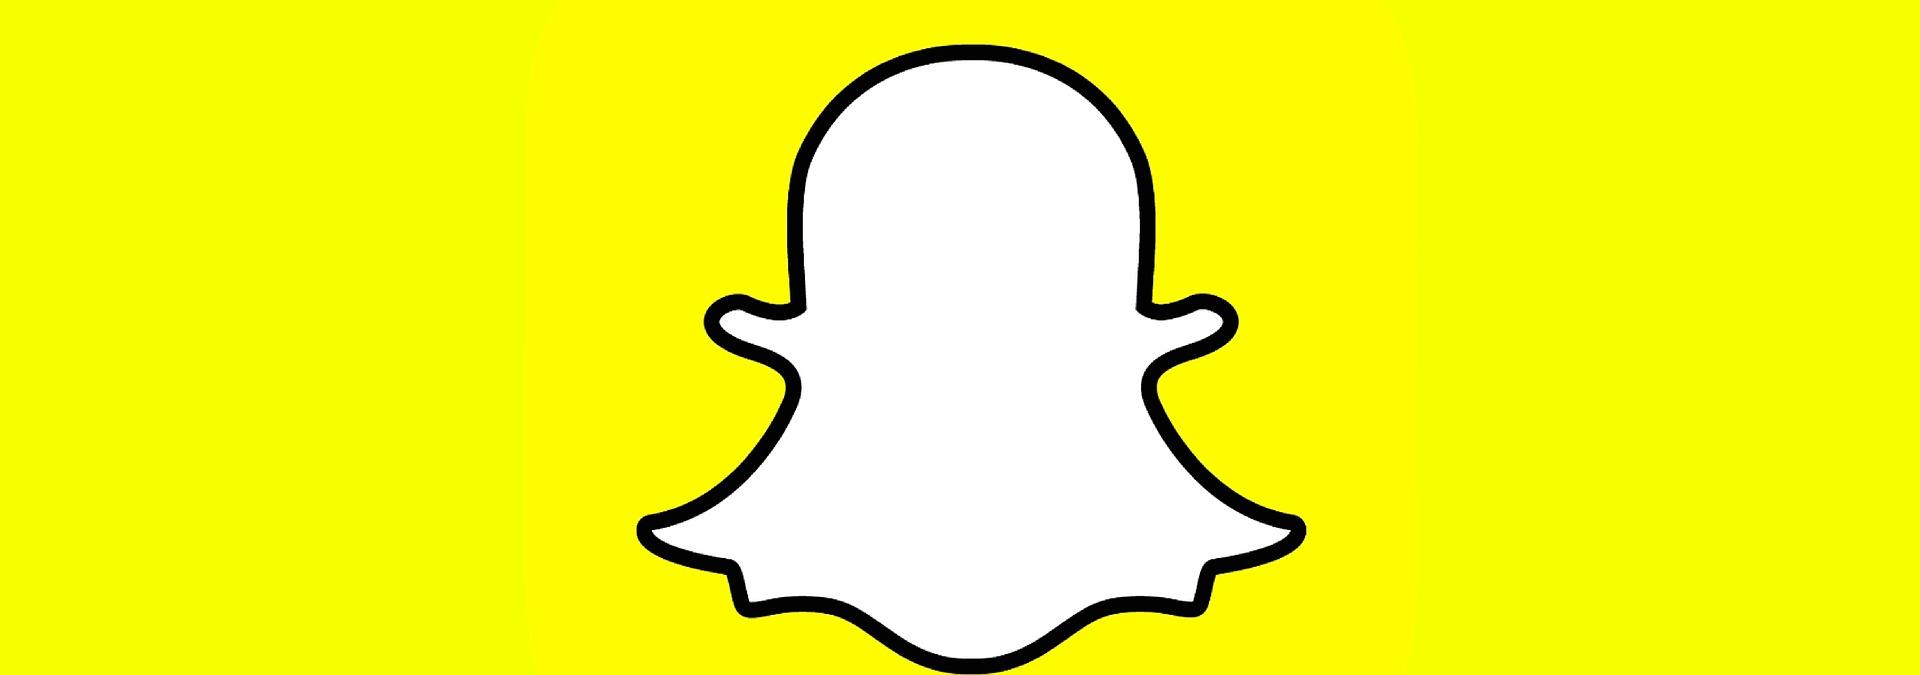 Snapchat Geofilter erstellen